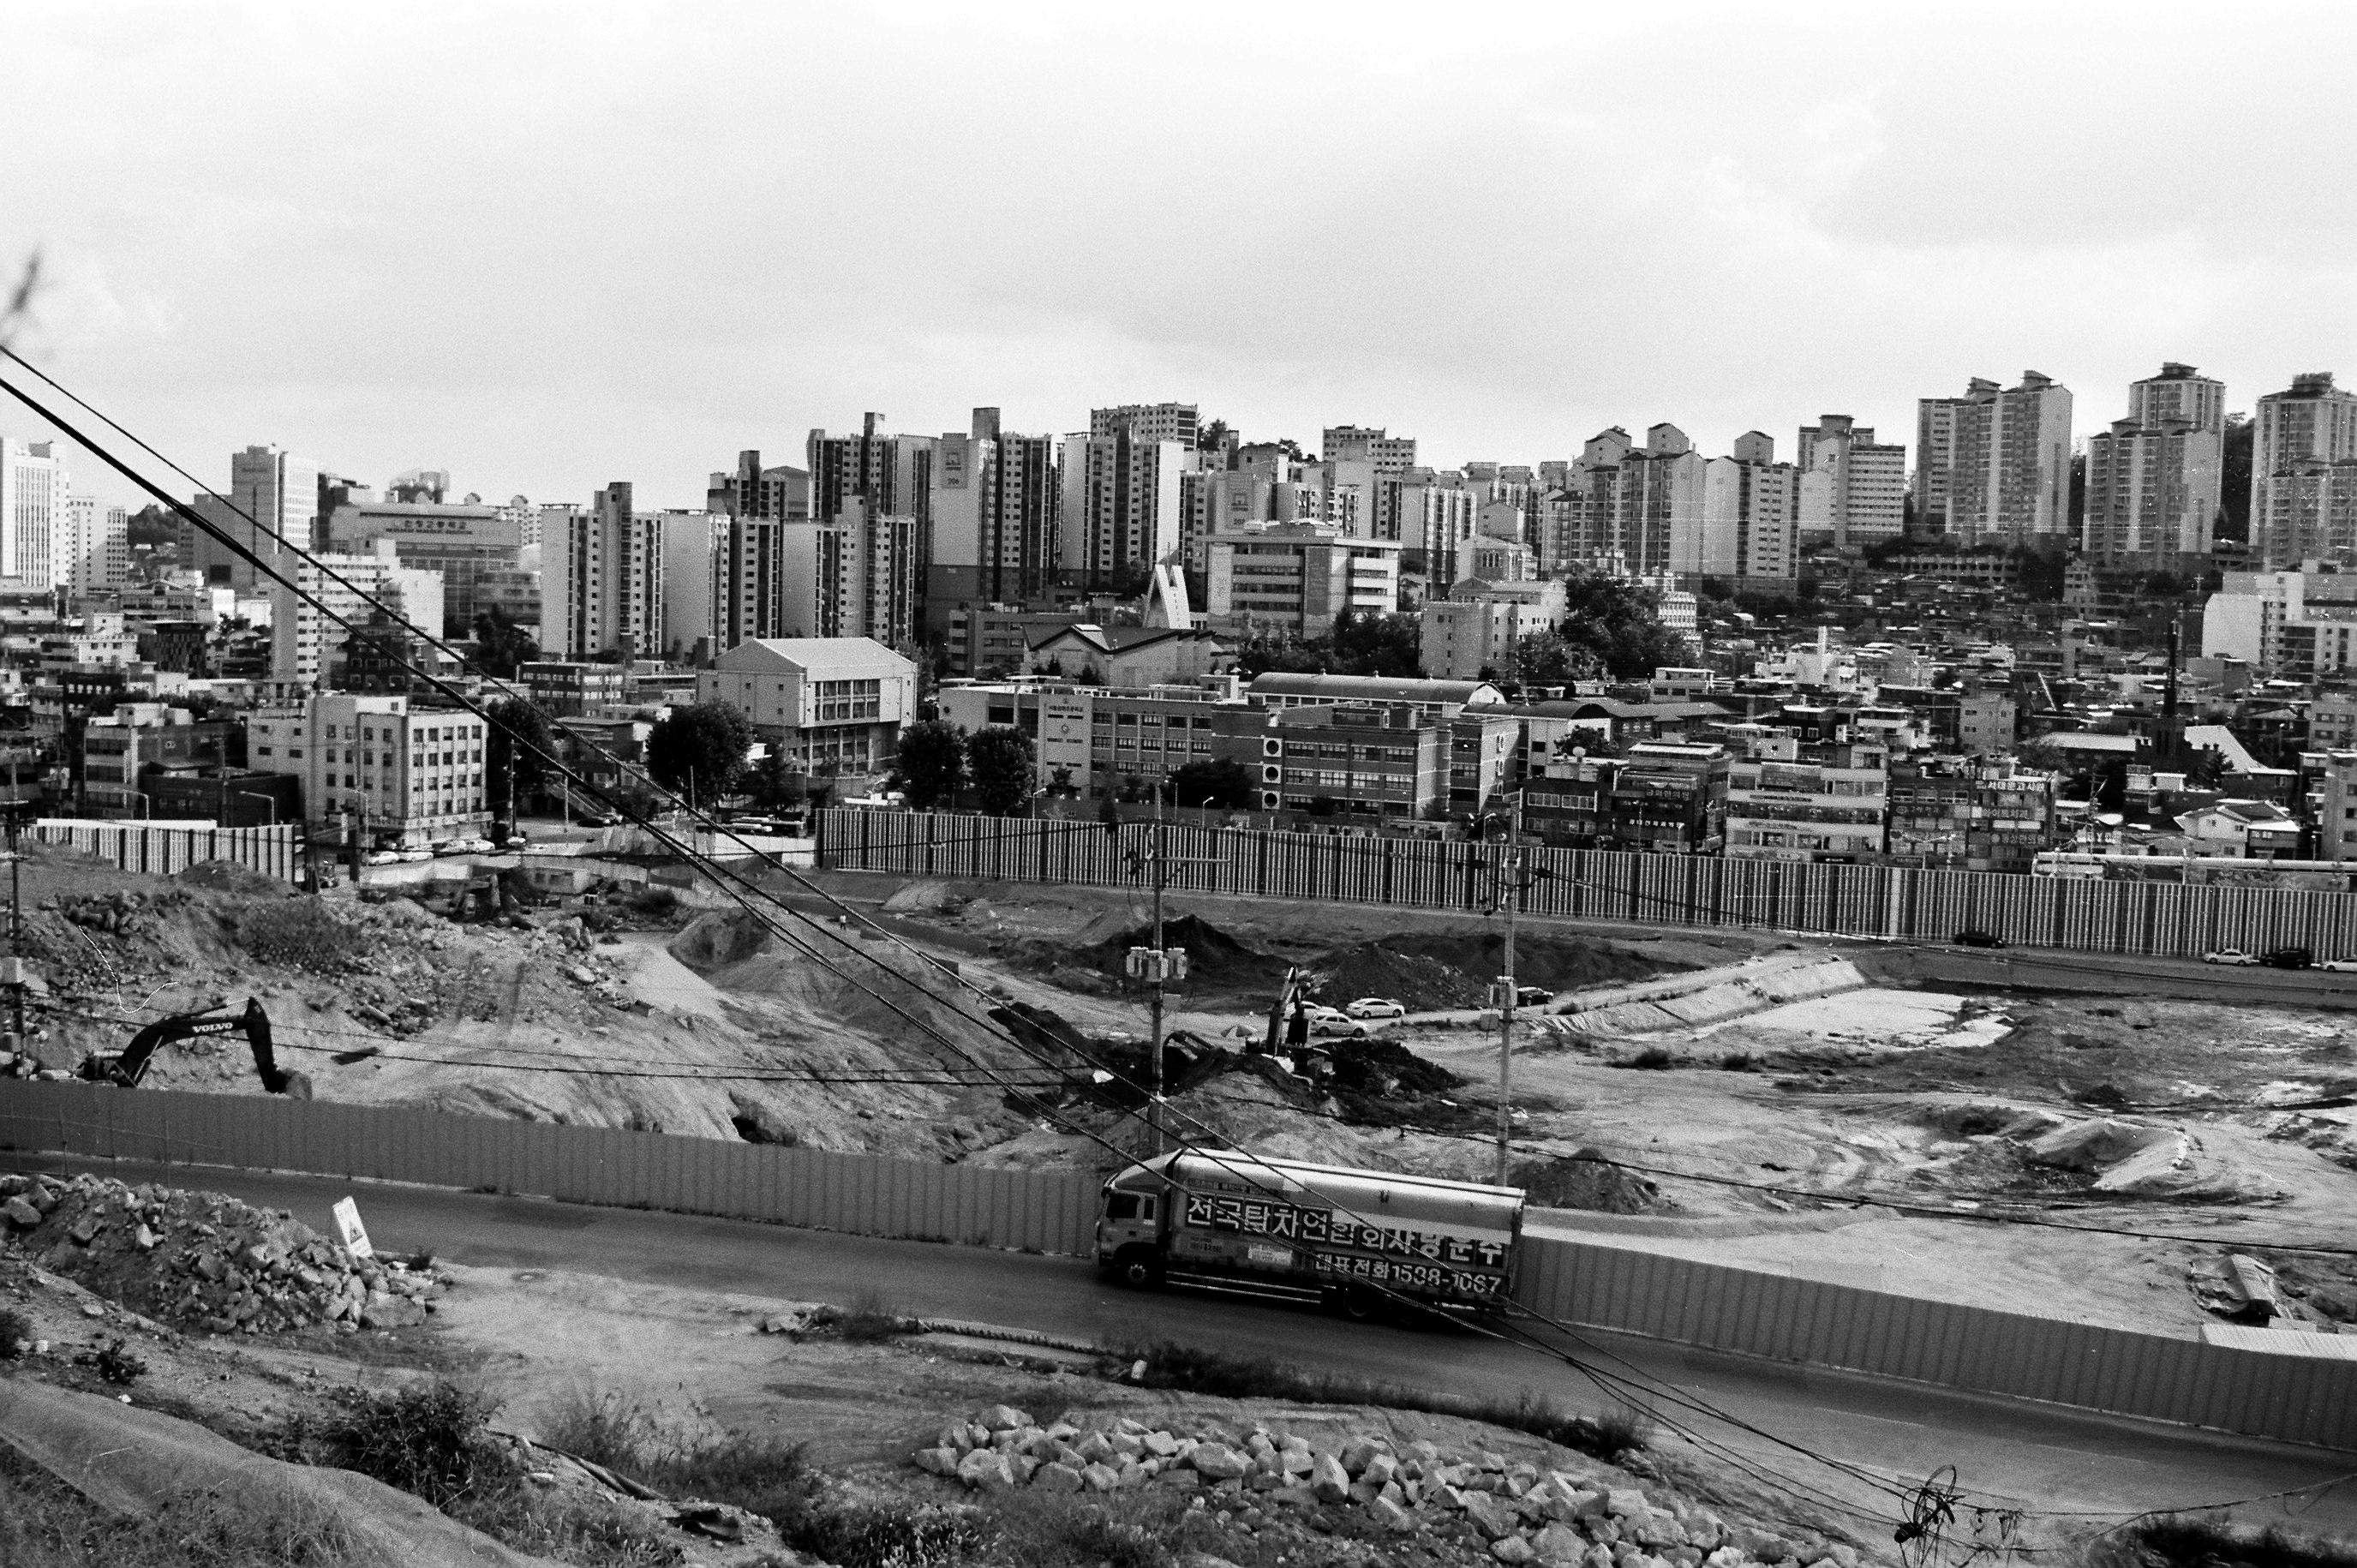 Gyonam-dong 10